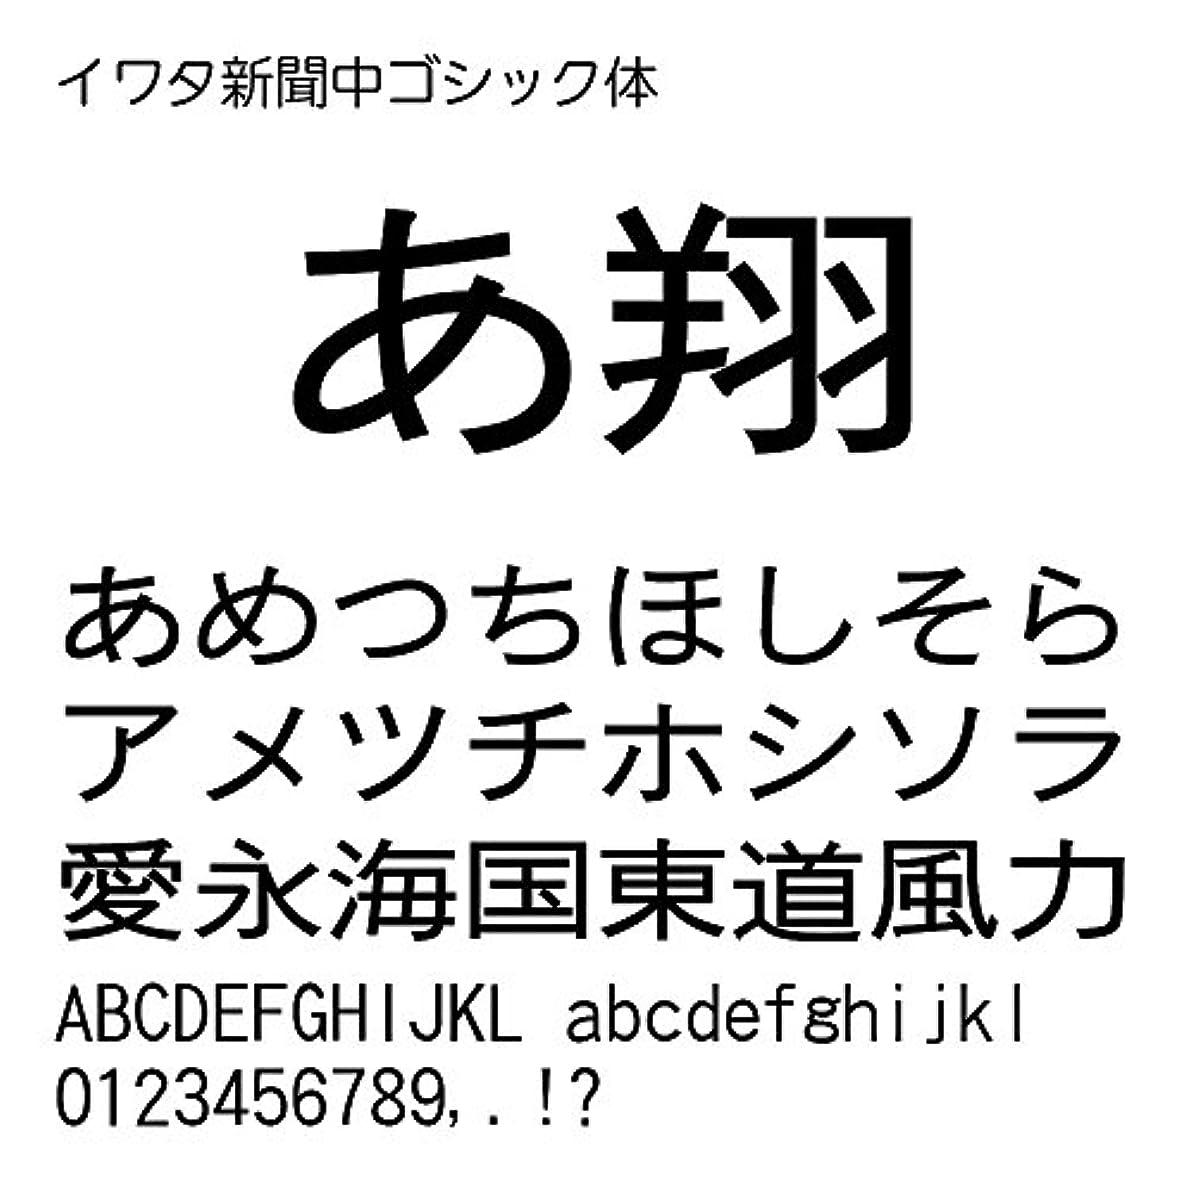 イワタ新聞中ゴシック体 TrueType Font for Windows [ダウンロード]